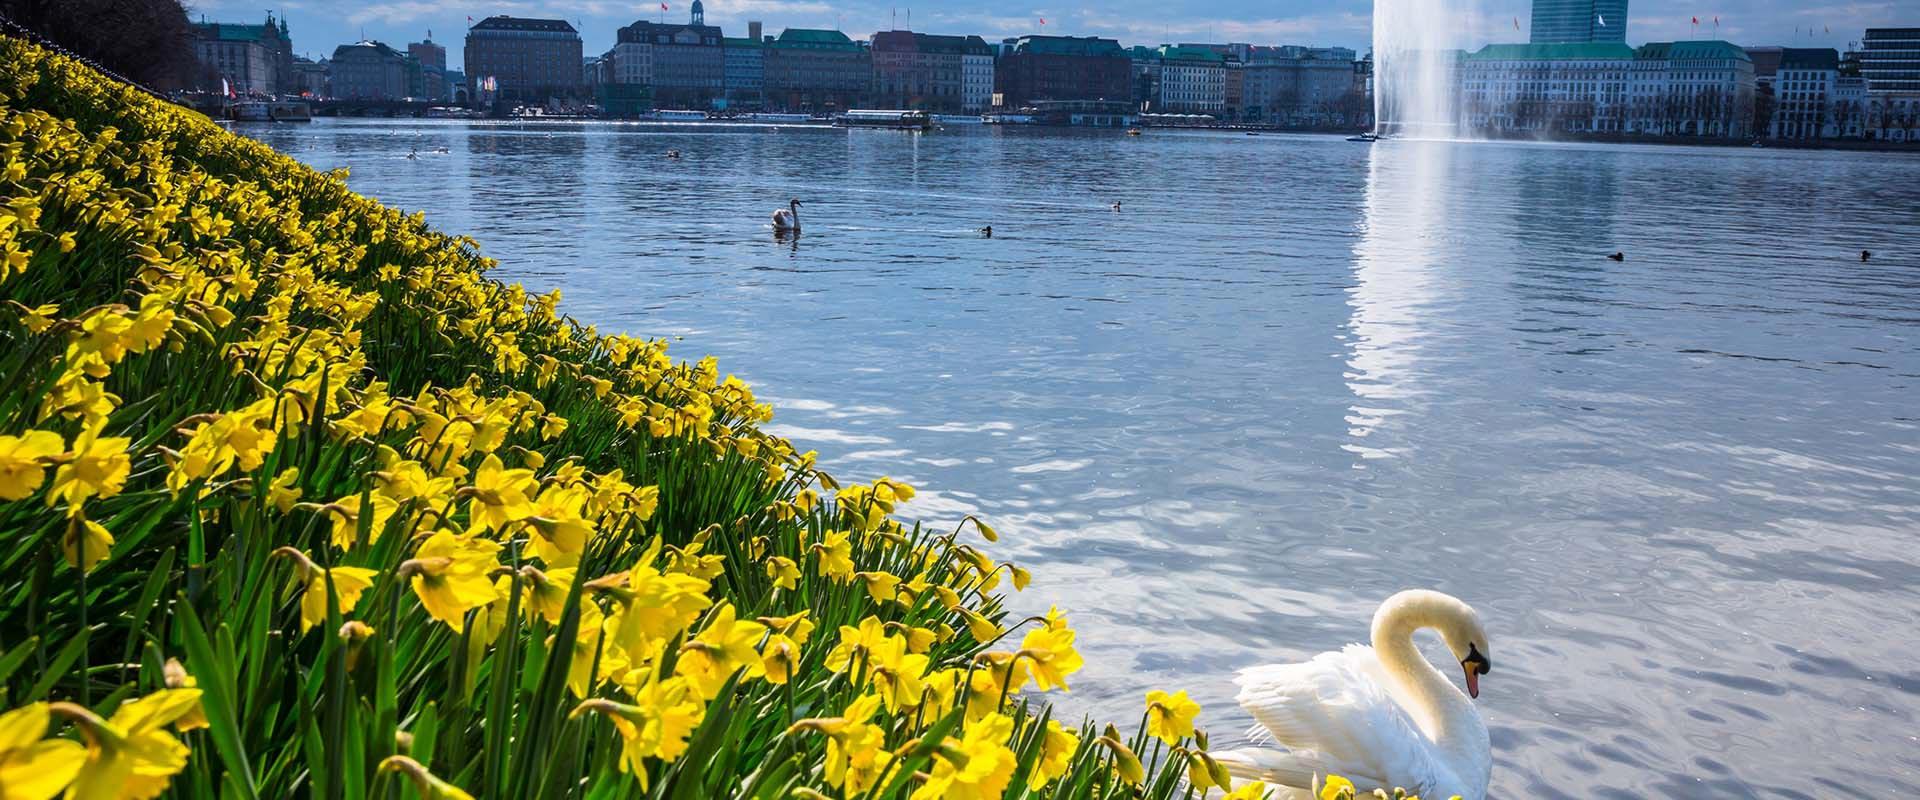 Feiertage 2021 im Bundesländ Hamburg - PublicHolidays.de